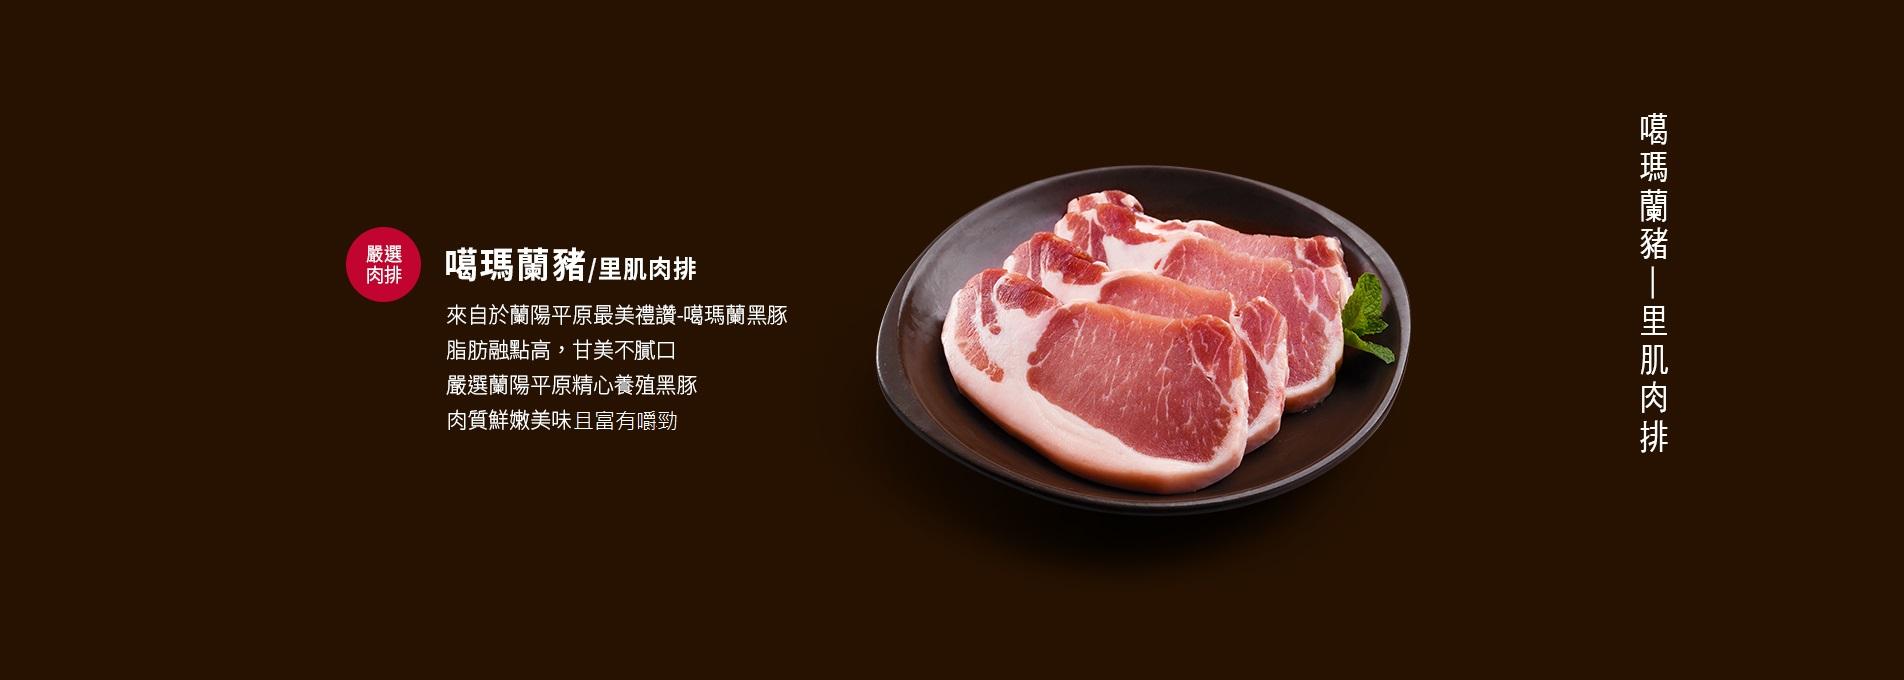 噶瑪蘭豬(里肌肉/肉排)1500g/3包